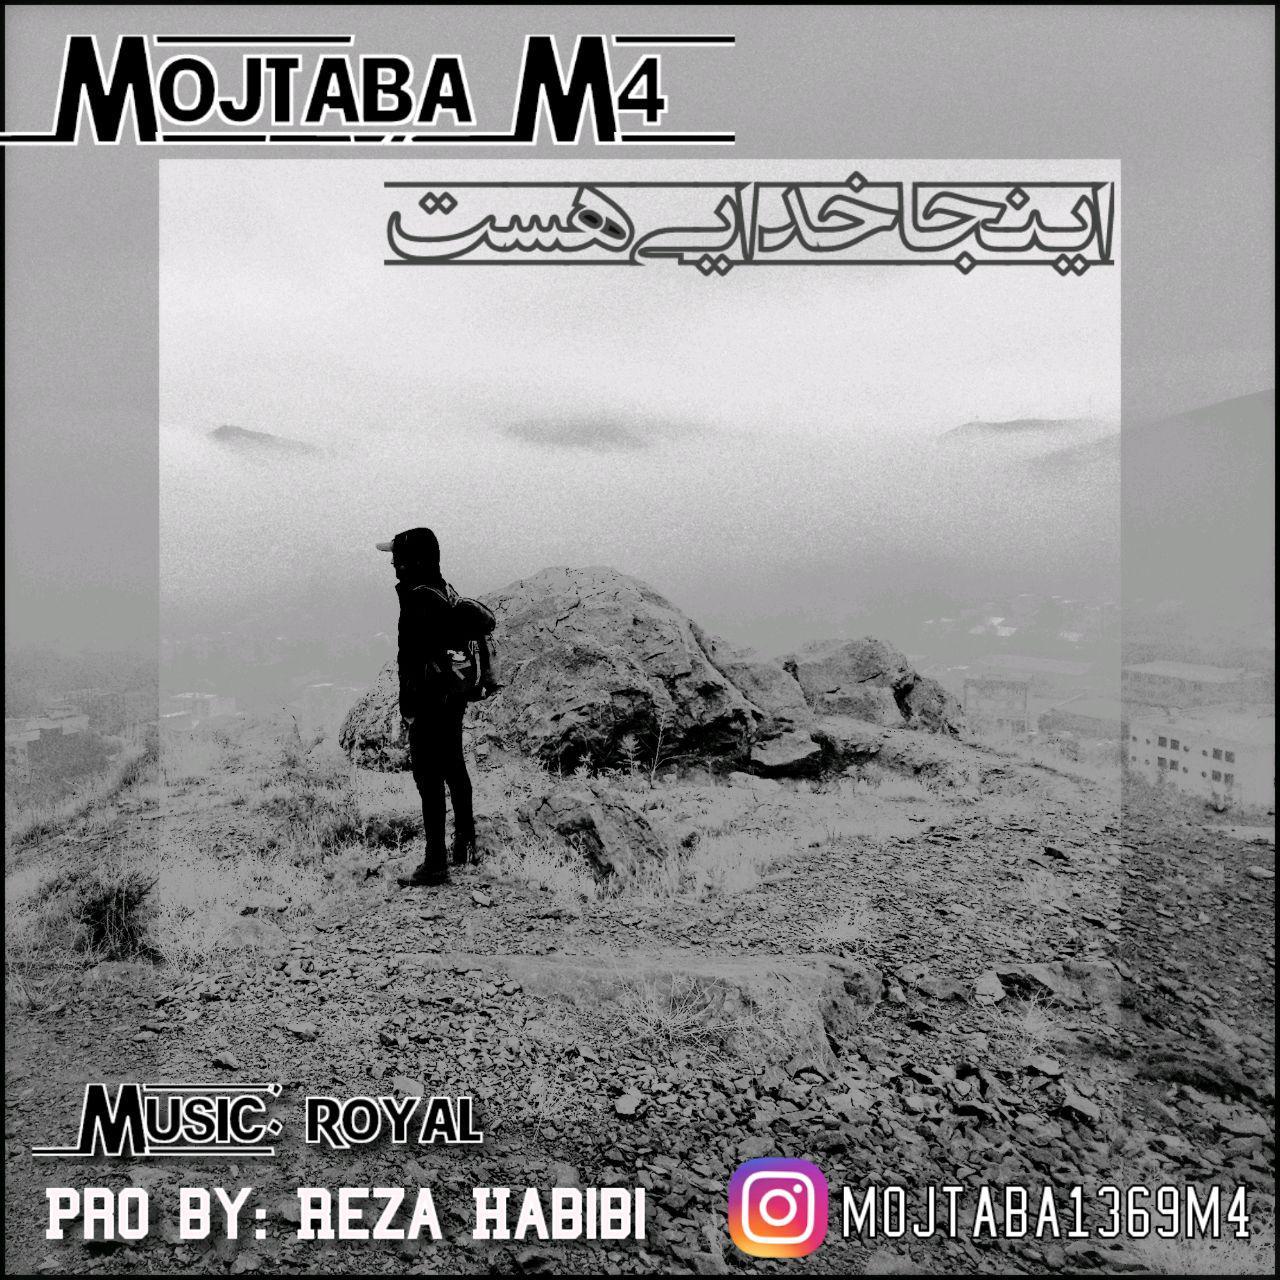 Mojtaba M4 – Inja Khodaei Hast